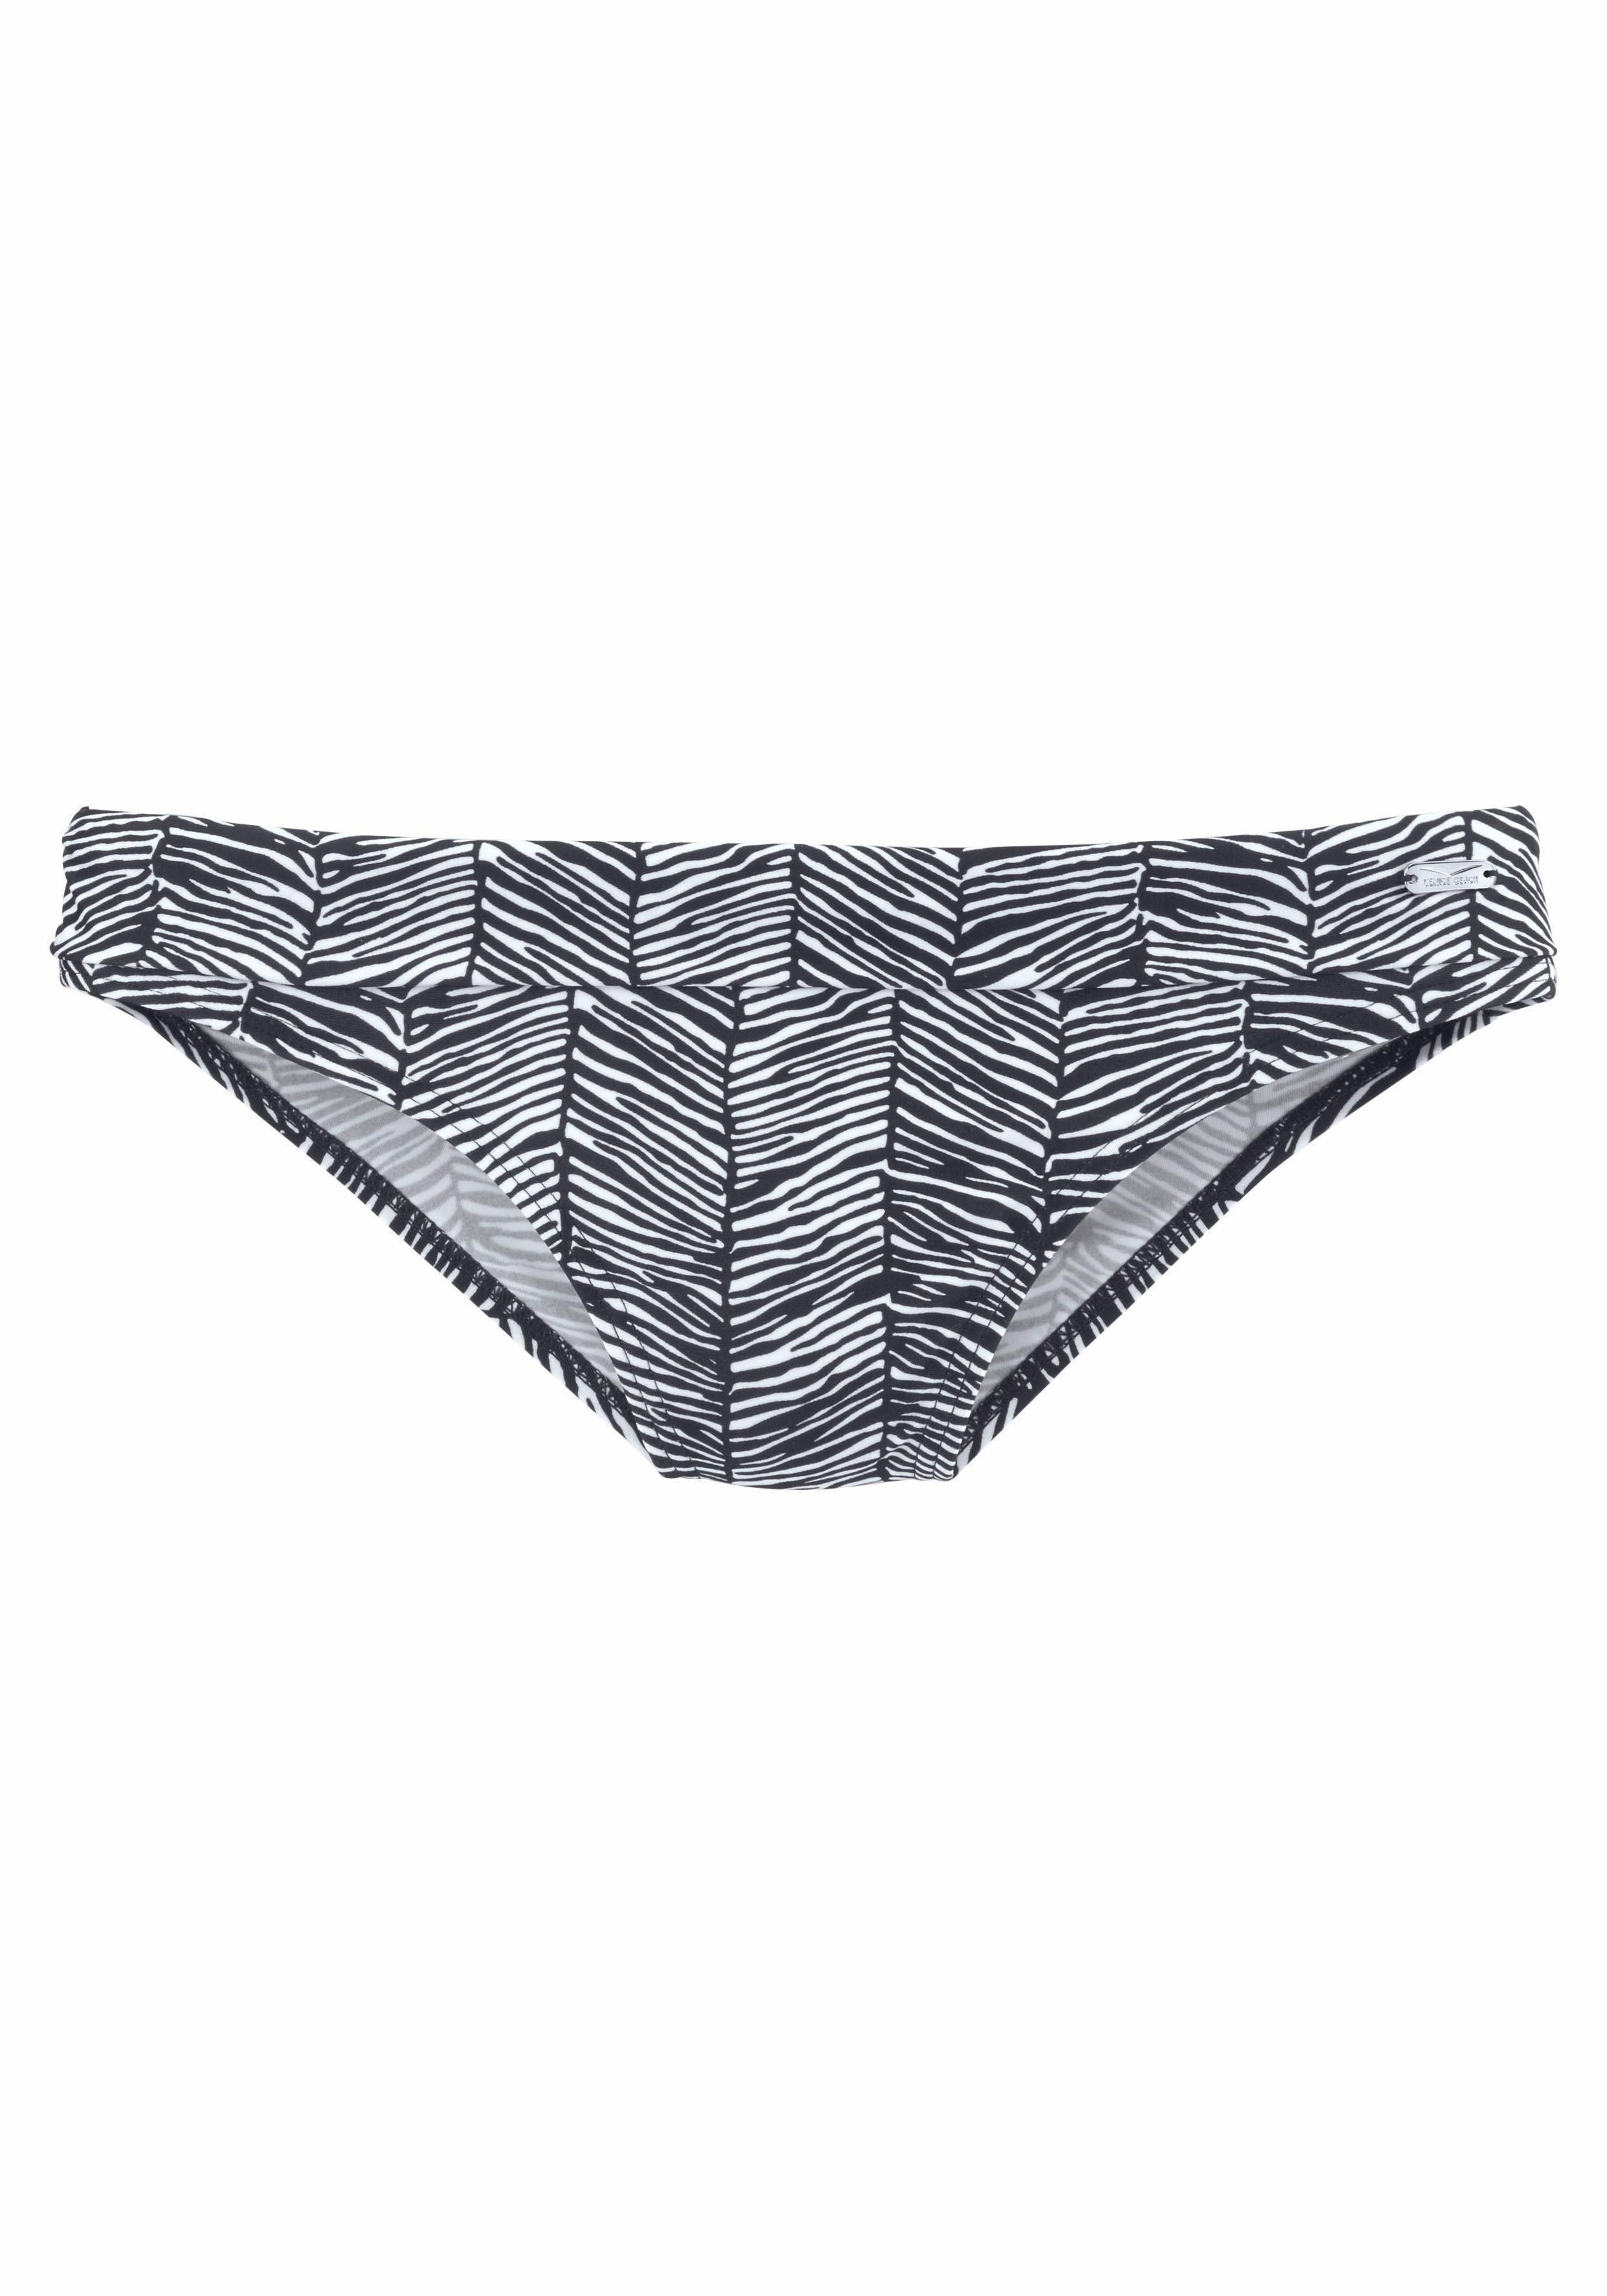 VENICE BEACH bikinibroekje »Sugar« voordelig en veilig online kopen